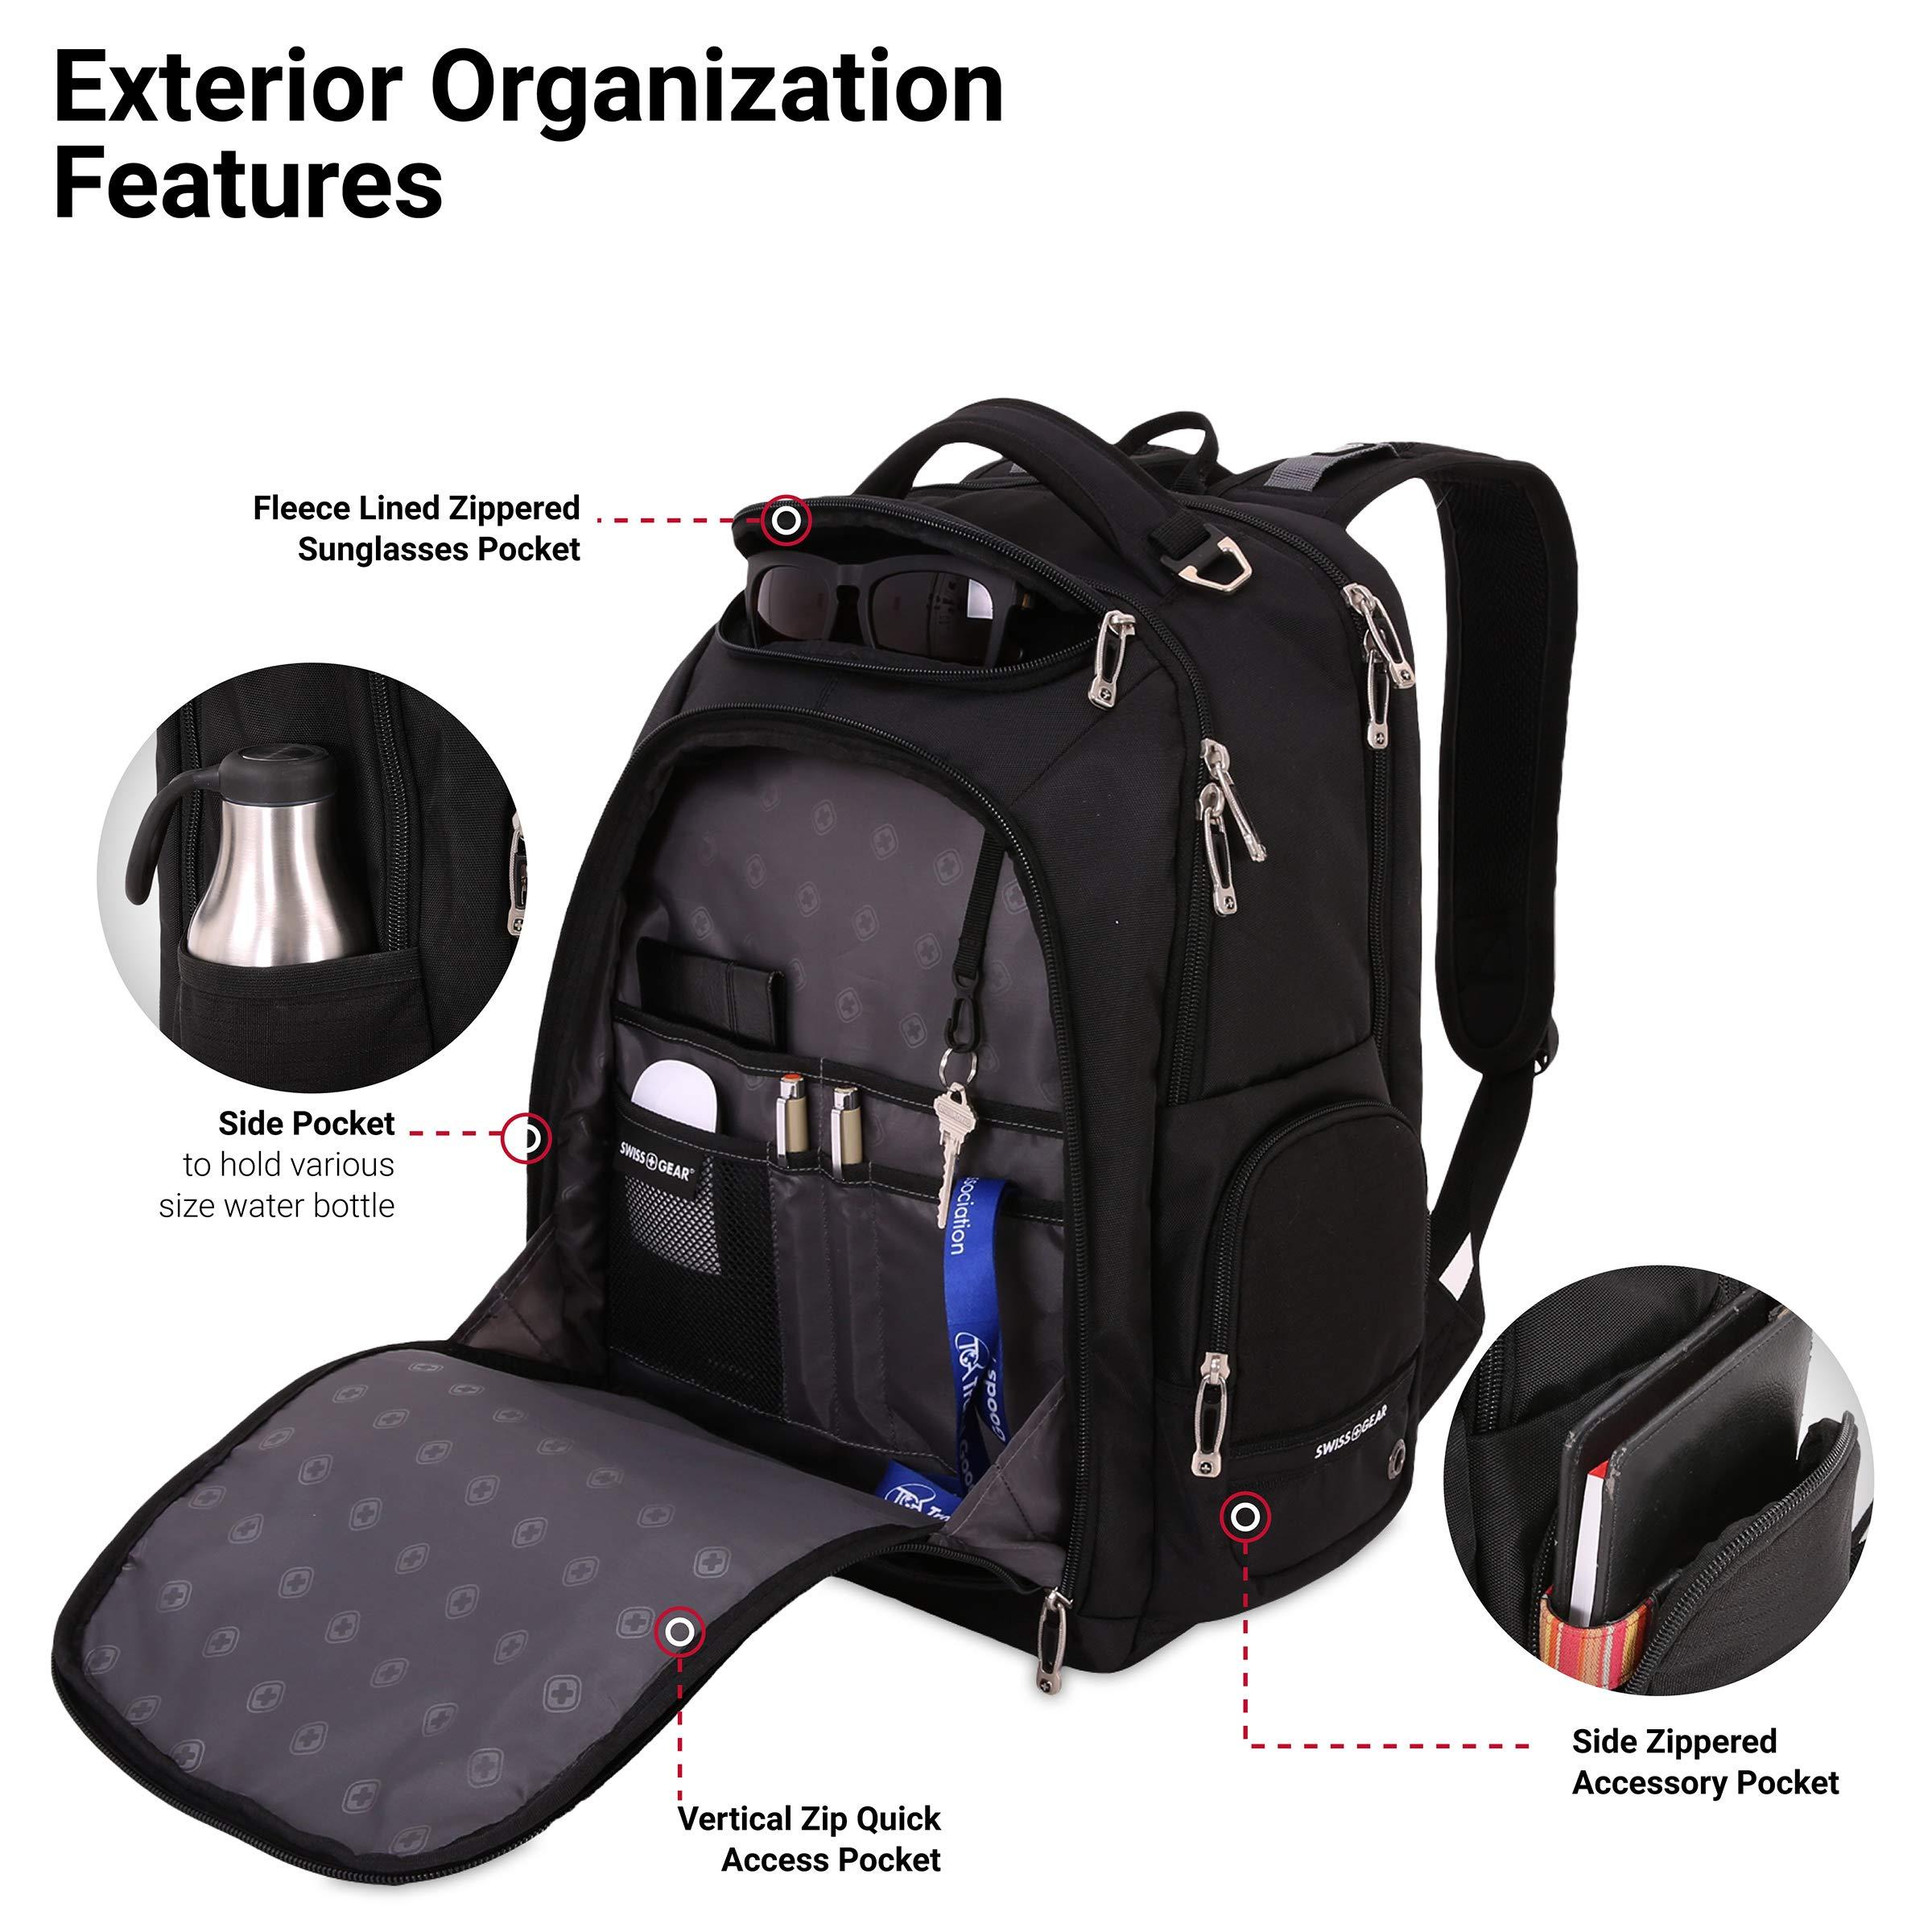 SWISSGEAR Large ScanSmart 15-inch Laptop Backpack   TSA-Friendly Carry-on   Travel, Work, School   Men's and Women's - Black by SwissGear (Image #3)